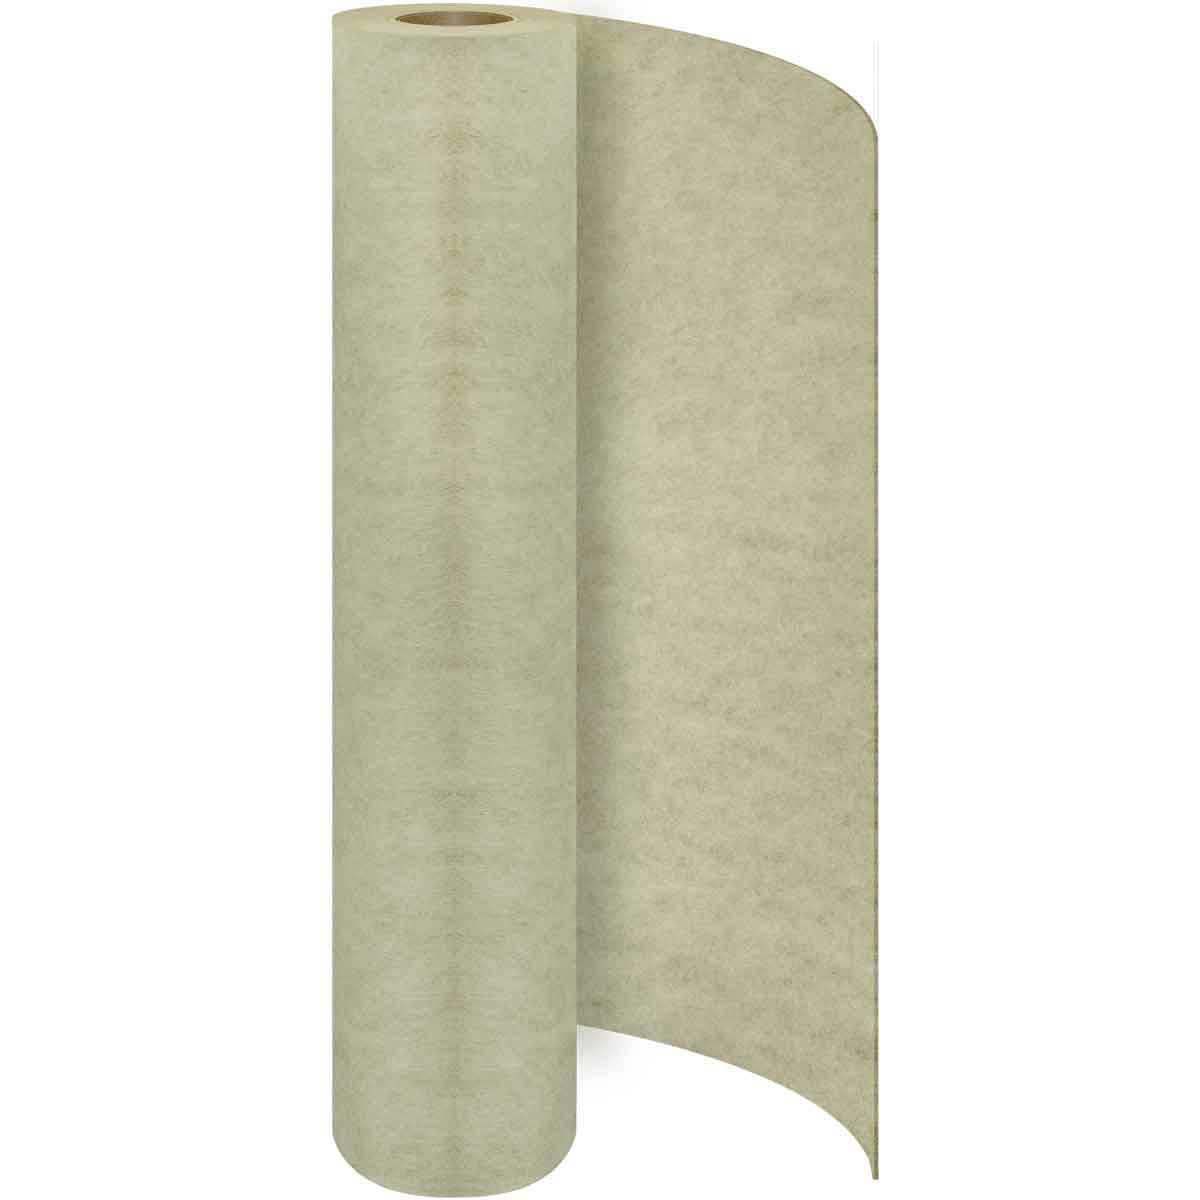 Laticrete Hydro Ban Sheet Membrane